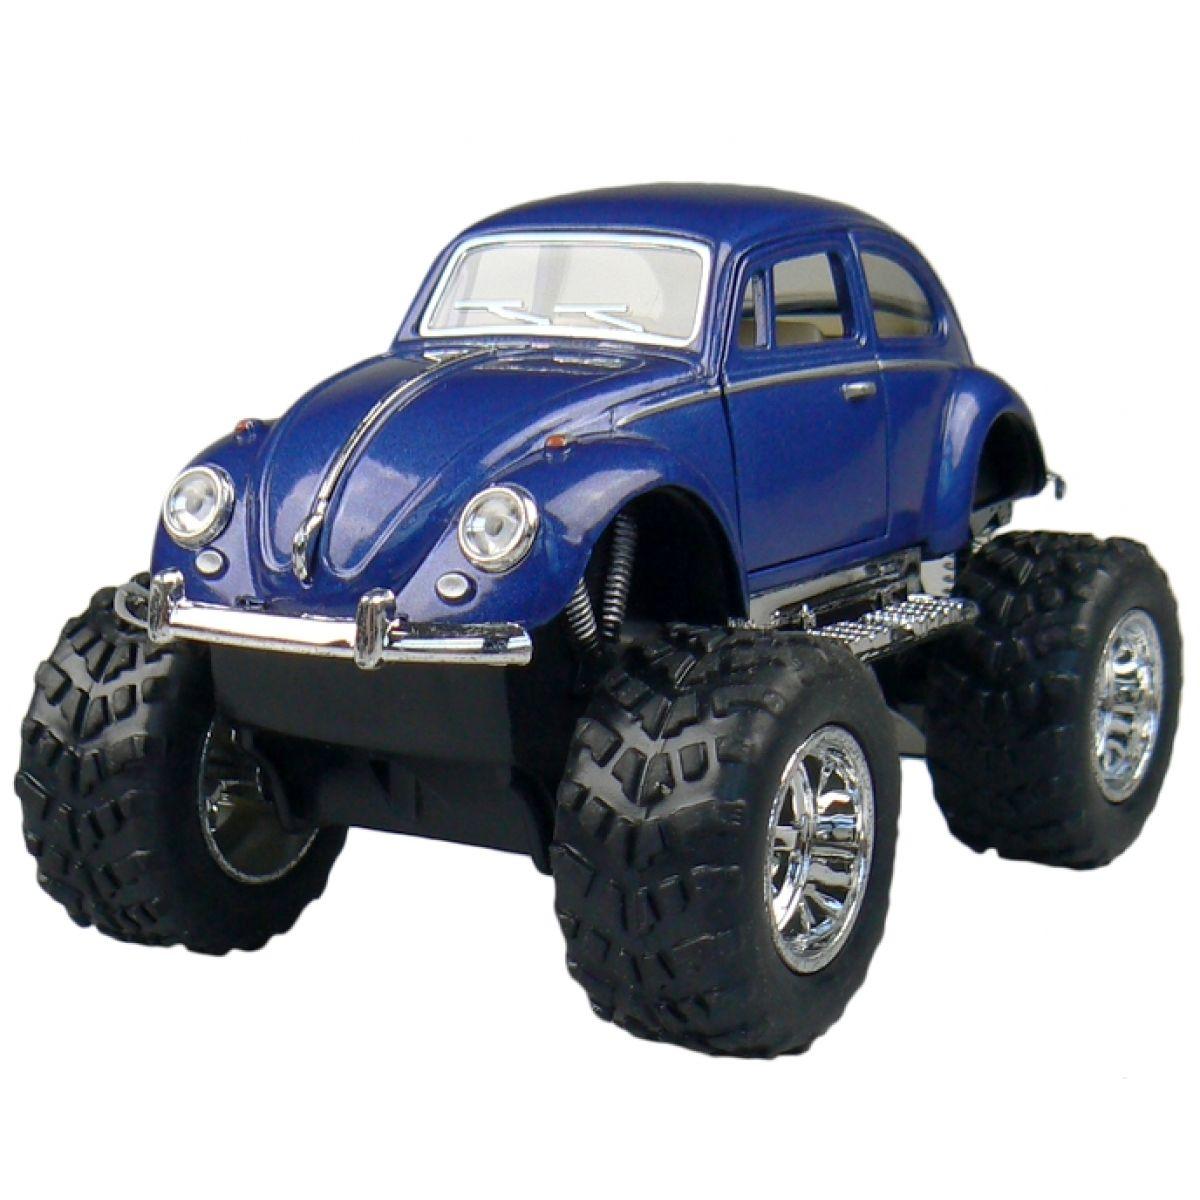 Kinsmart Auto Volkswagen Beetle velká kola na zpětné natažení - Modrá